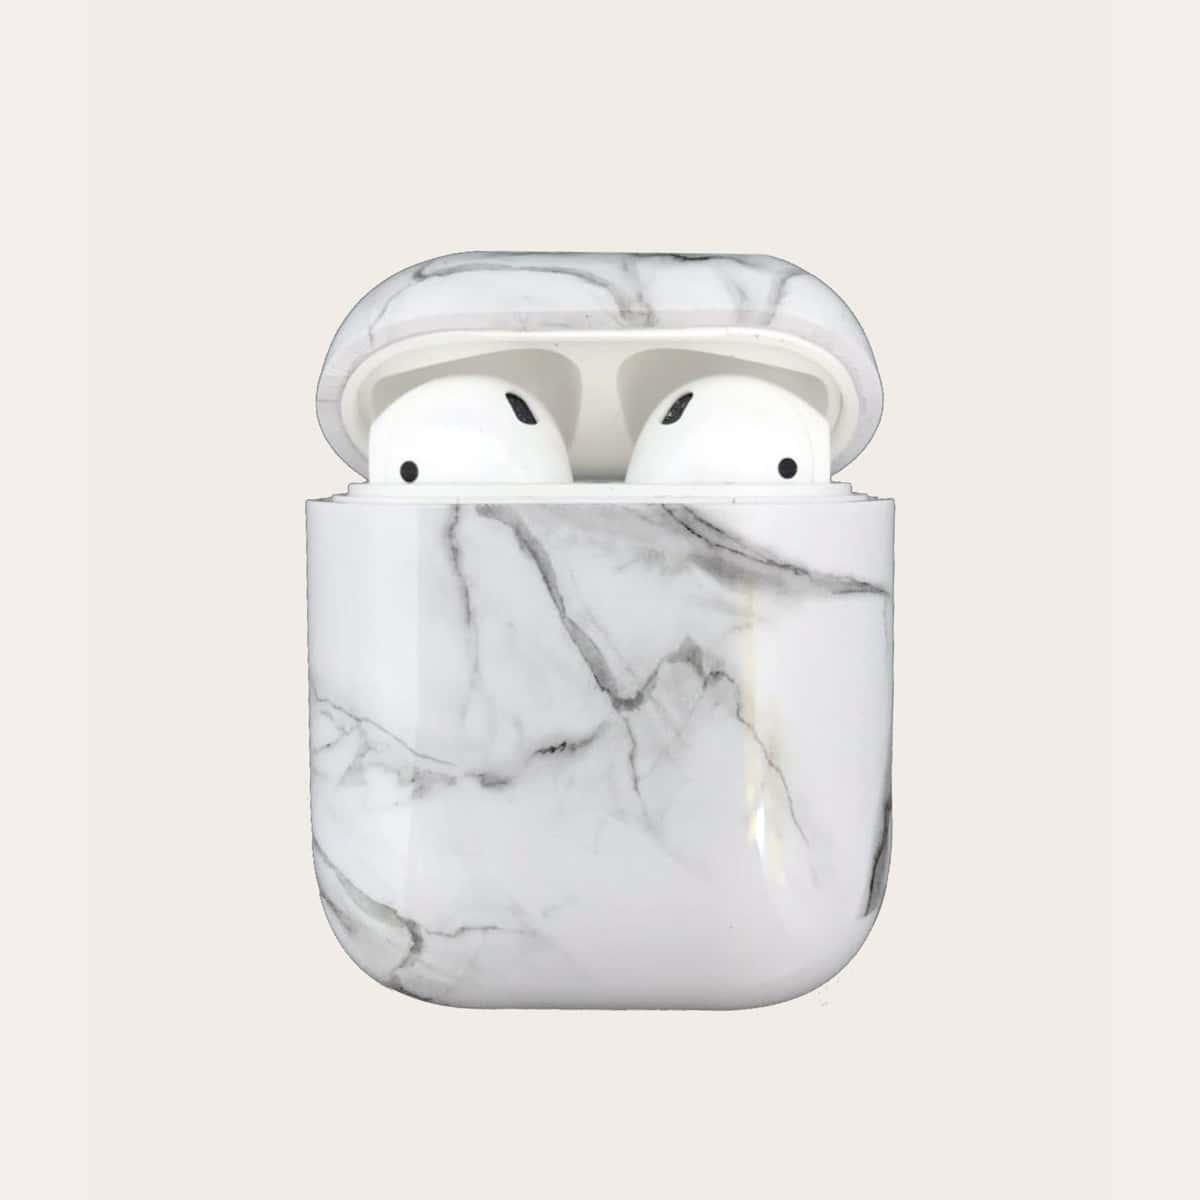 SHEIN / 1 Stück Airpods Hülle mit Marmor Muster